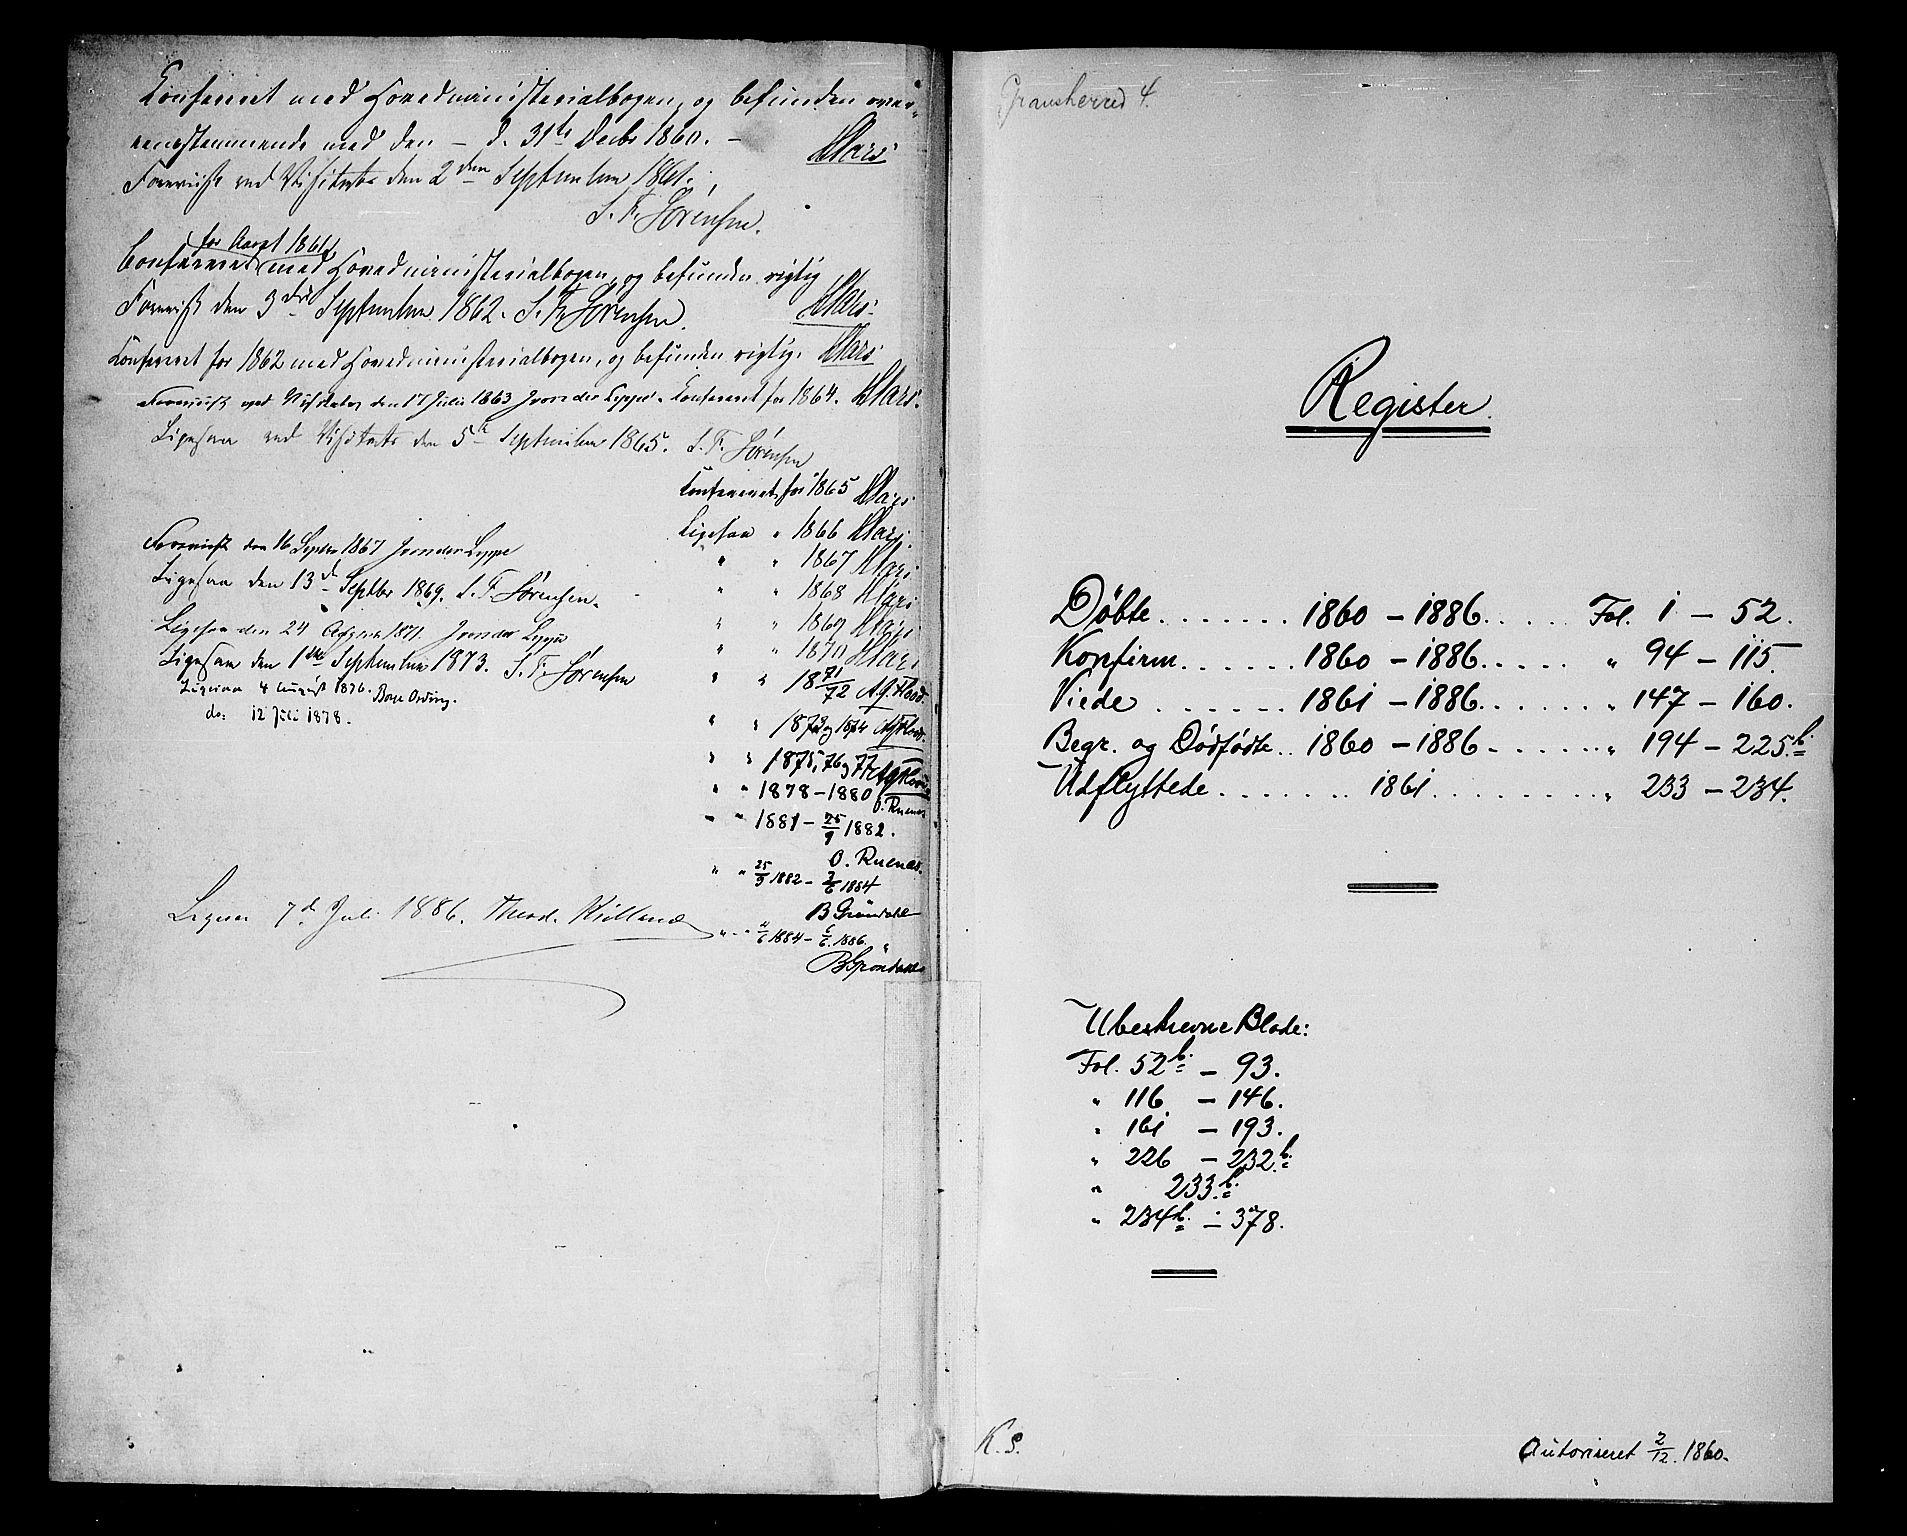 SAKO, Gransherad kirkebøker, G/Gb/L0002: Klokkerbok nr. II 2, 1860-1886